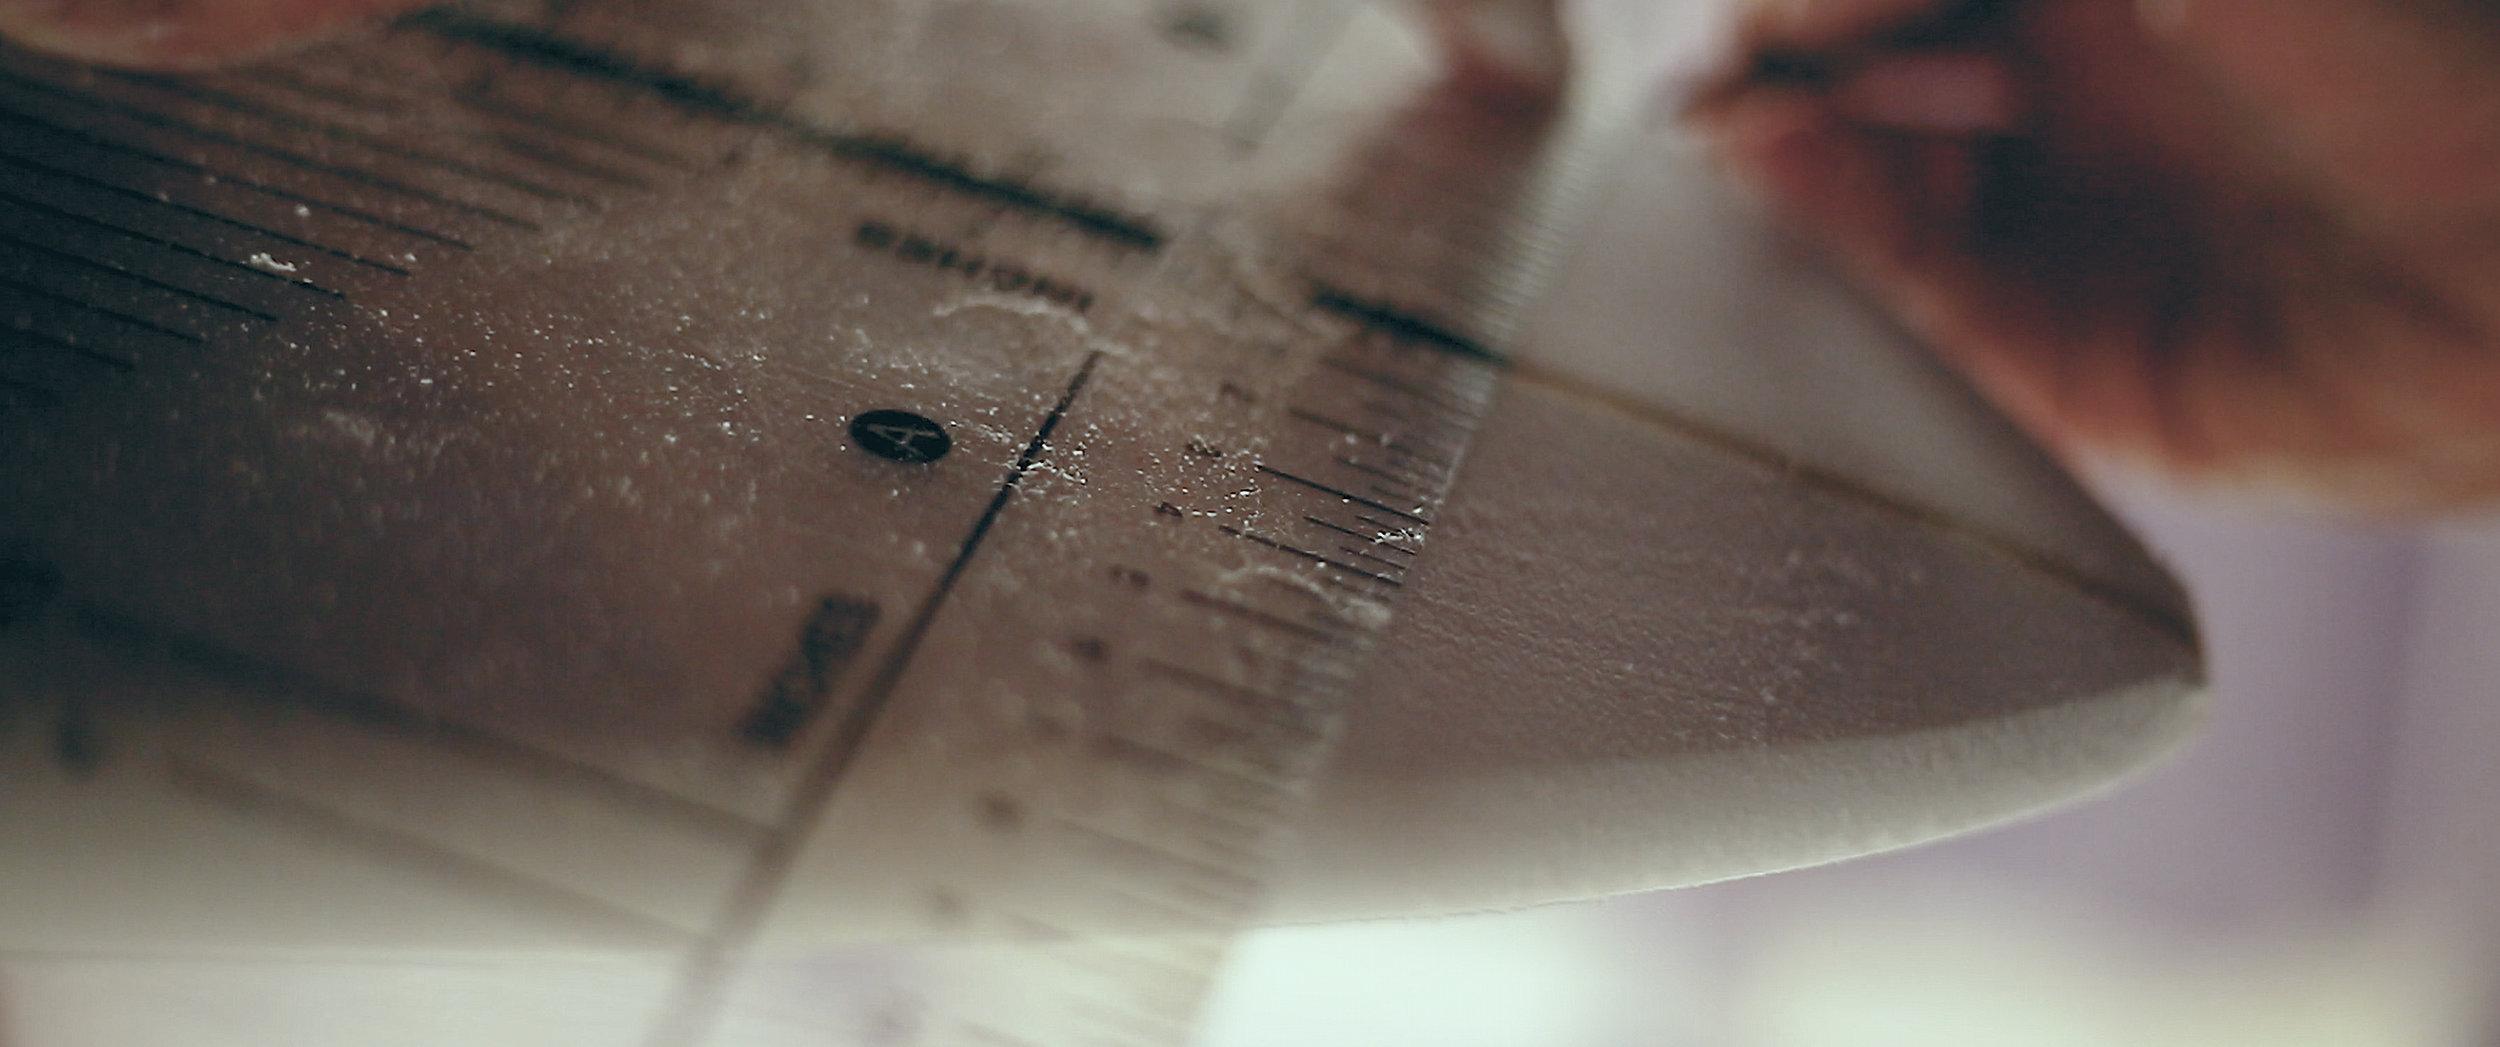 mere made surfboard_4K.00_01_51_01.Still037.jpg